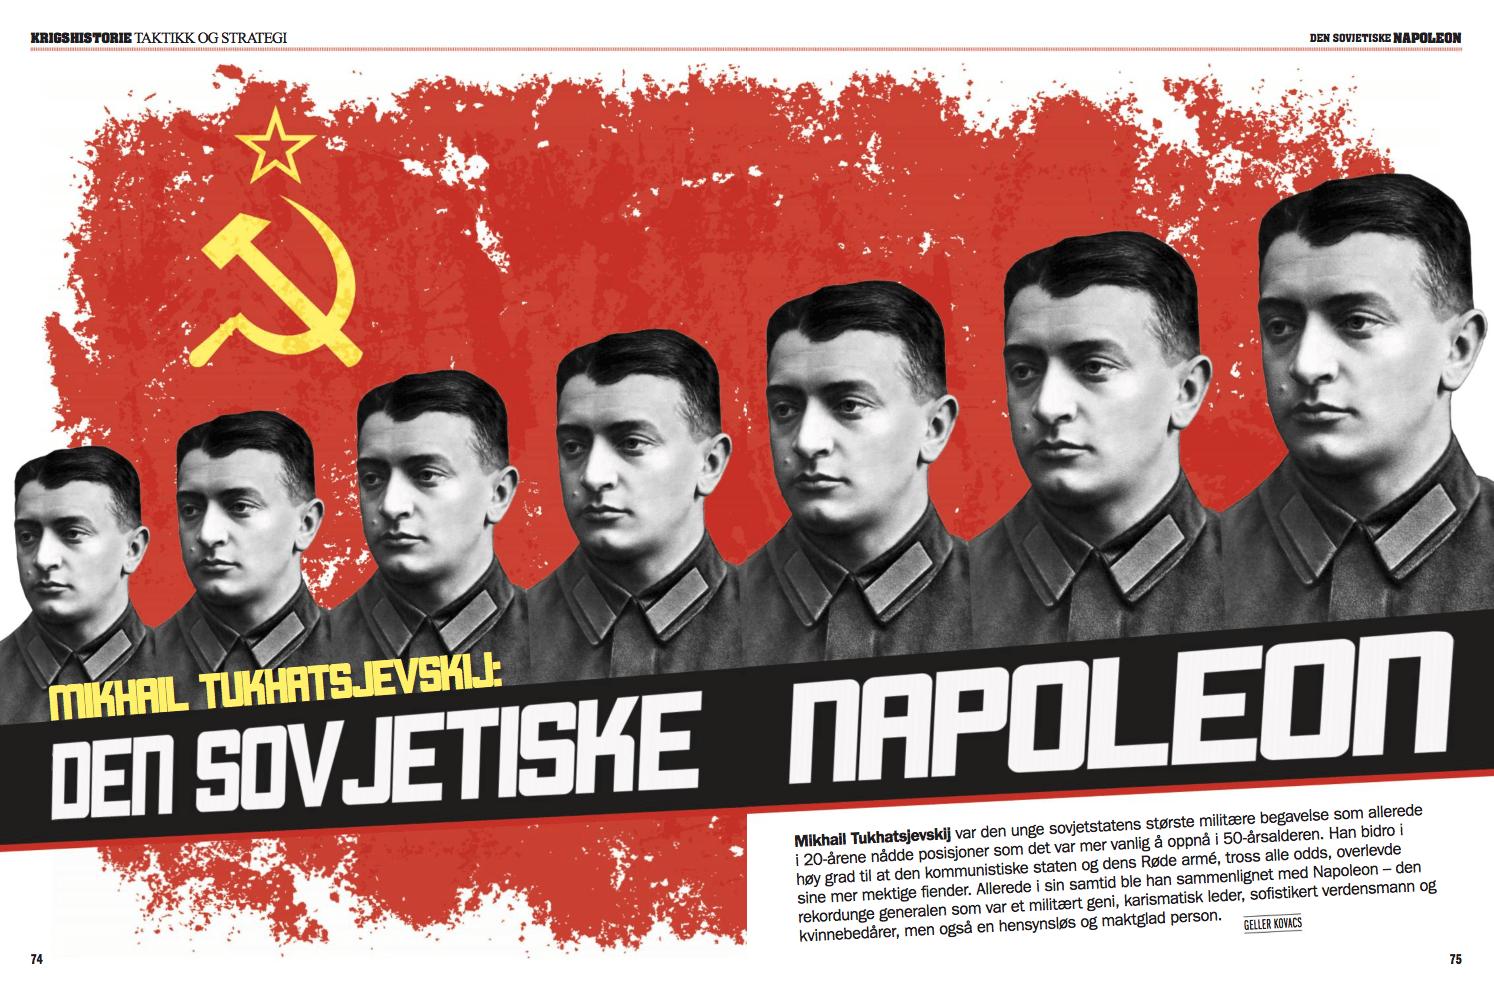 Mikhail Tukhatsjevskij: Den sovjetiske Napoleon, oppslag